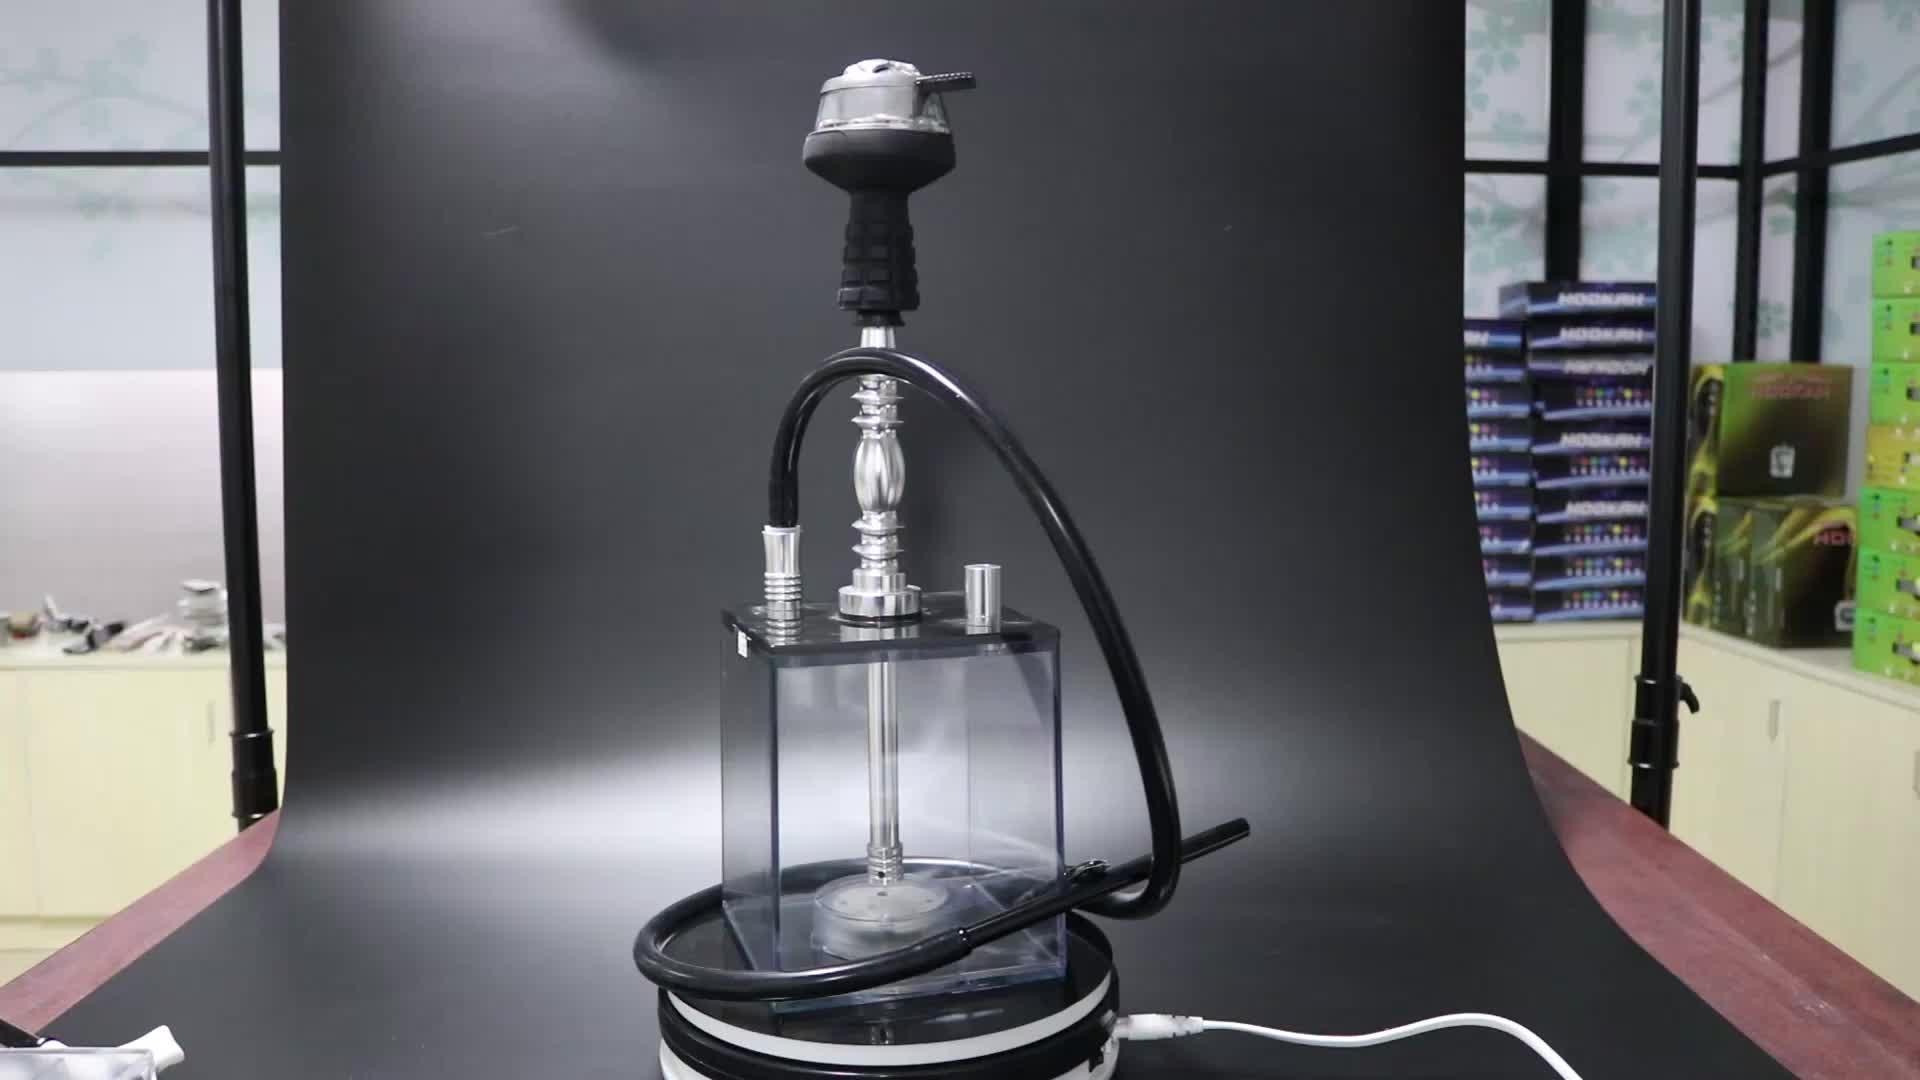 סיטונאי נרגילה נרגילות מודרני שקוף sheesha chicha קוביית נרגילות כיכר אקריליק נרגילה למכירה עם LED אור